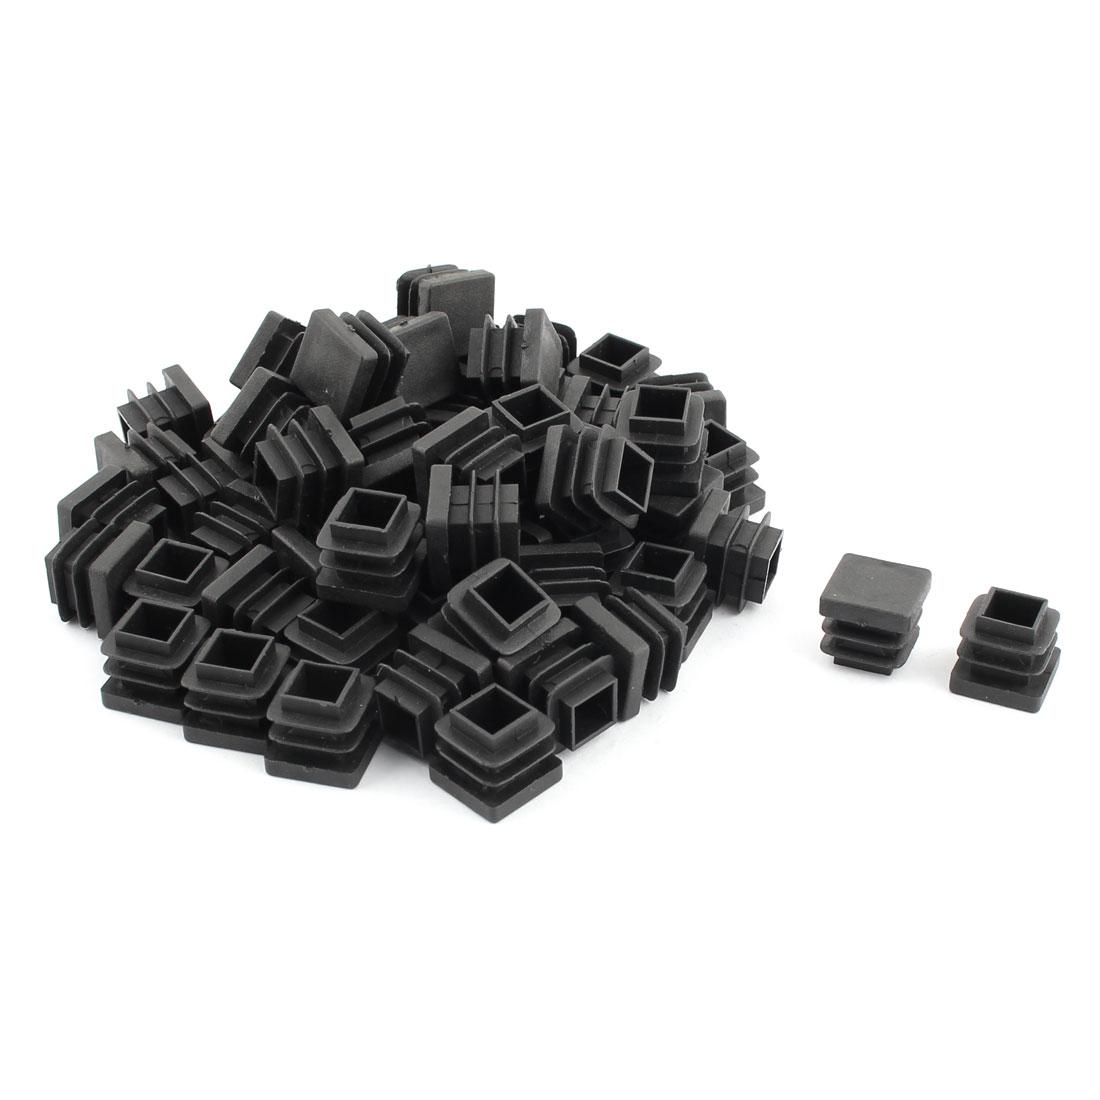 Office Plastic Square Table Cabinet Legs Mini Tube Insert Black 15 x 15mm 60 Pcs